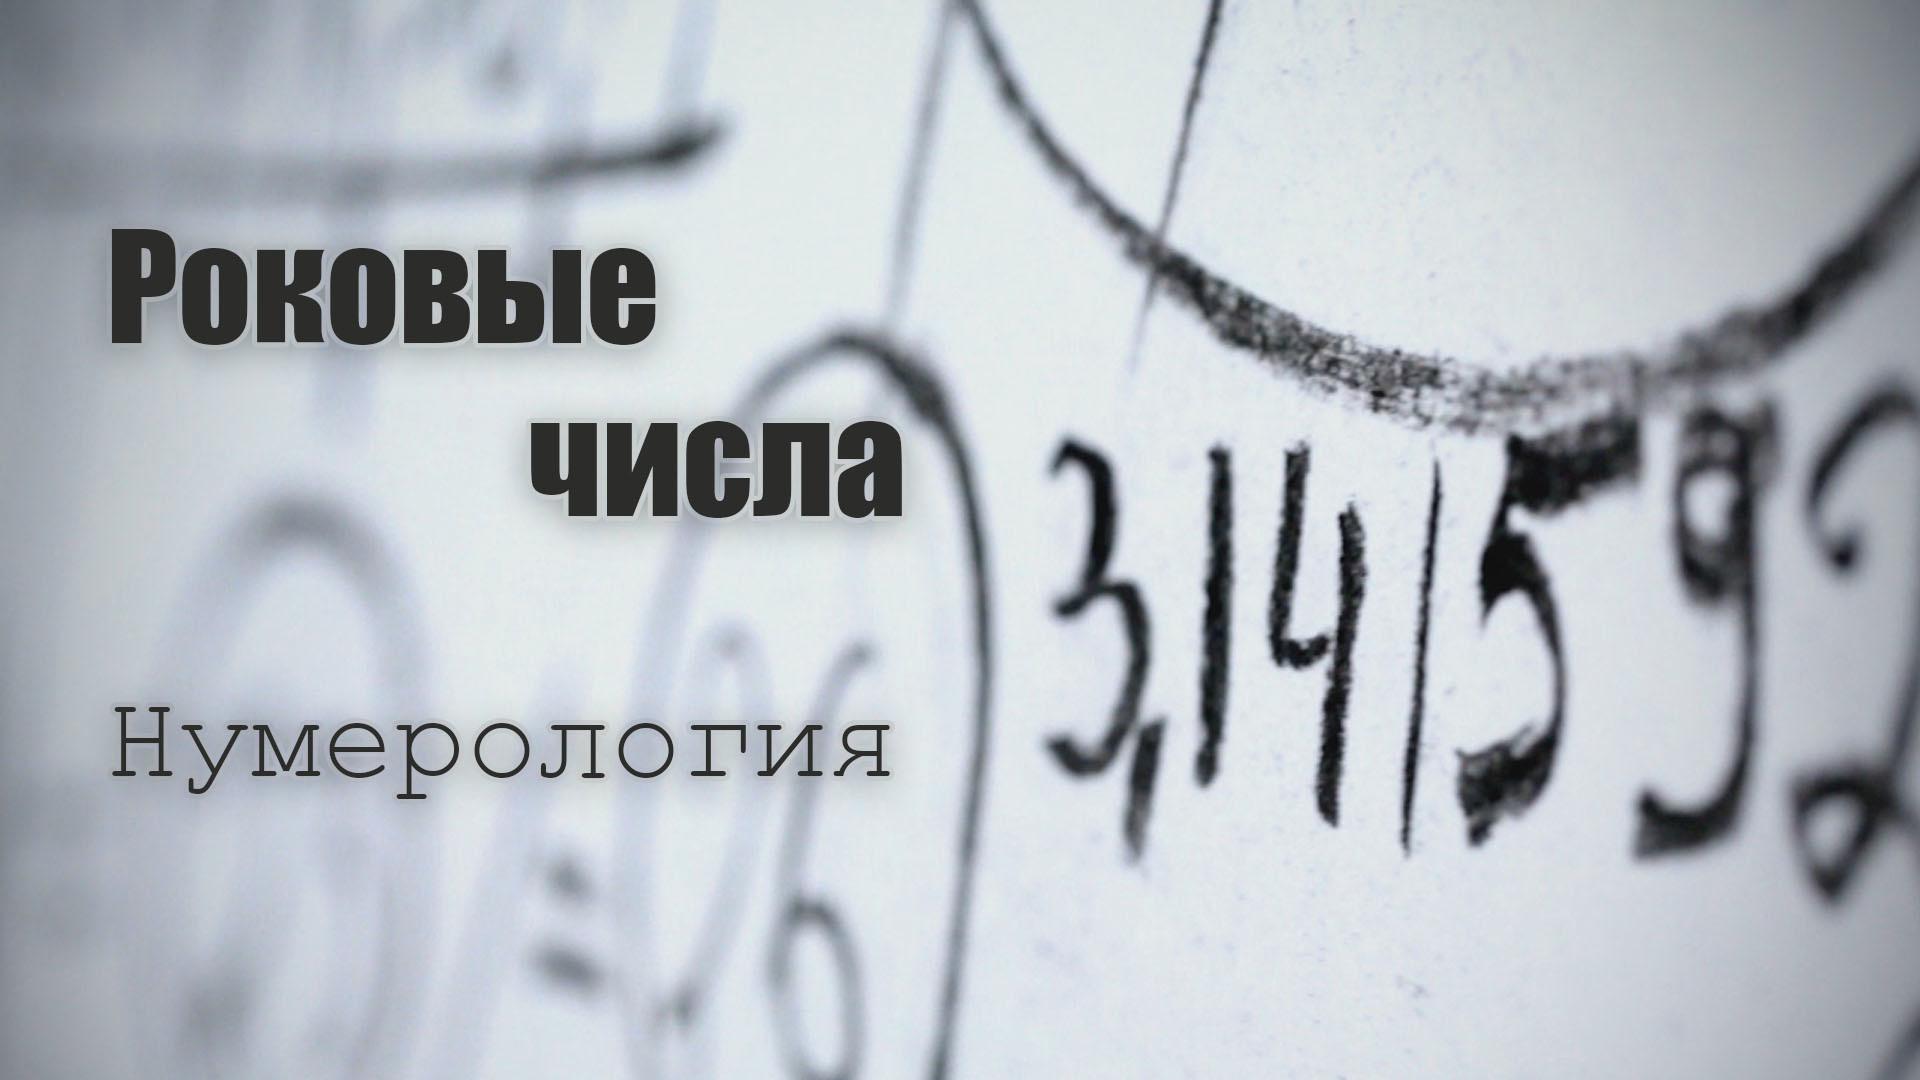 Роковые числа. Нумерология